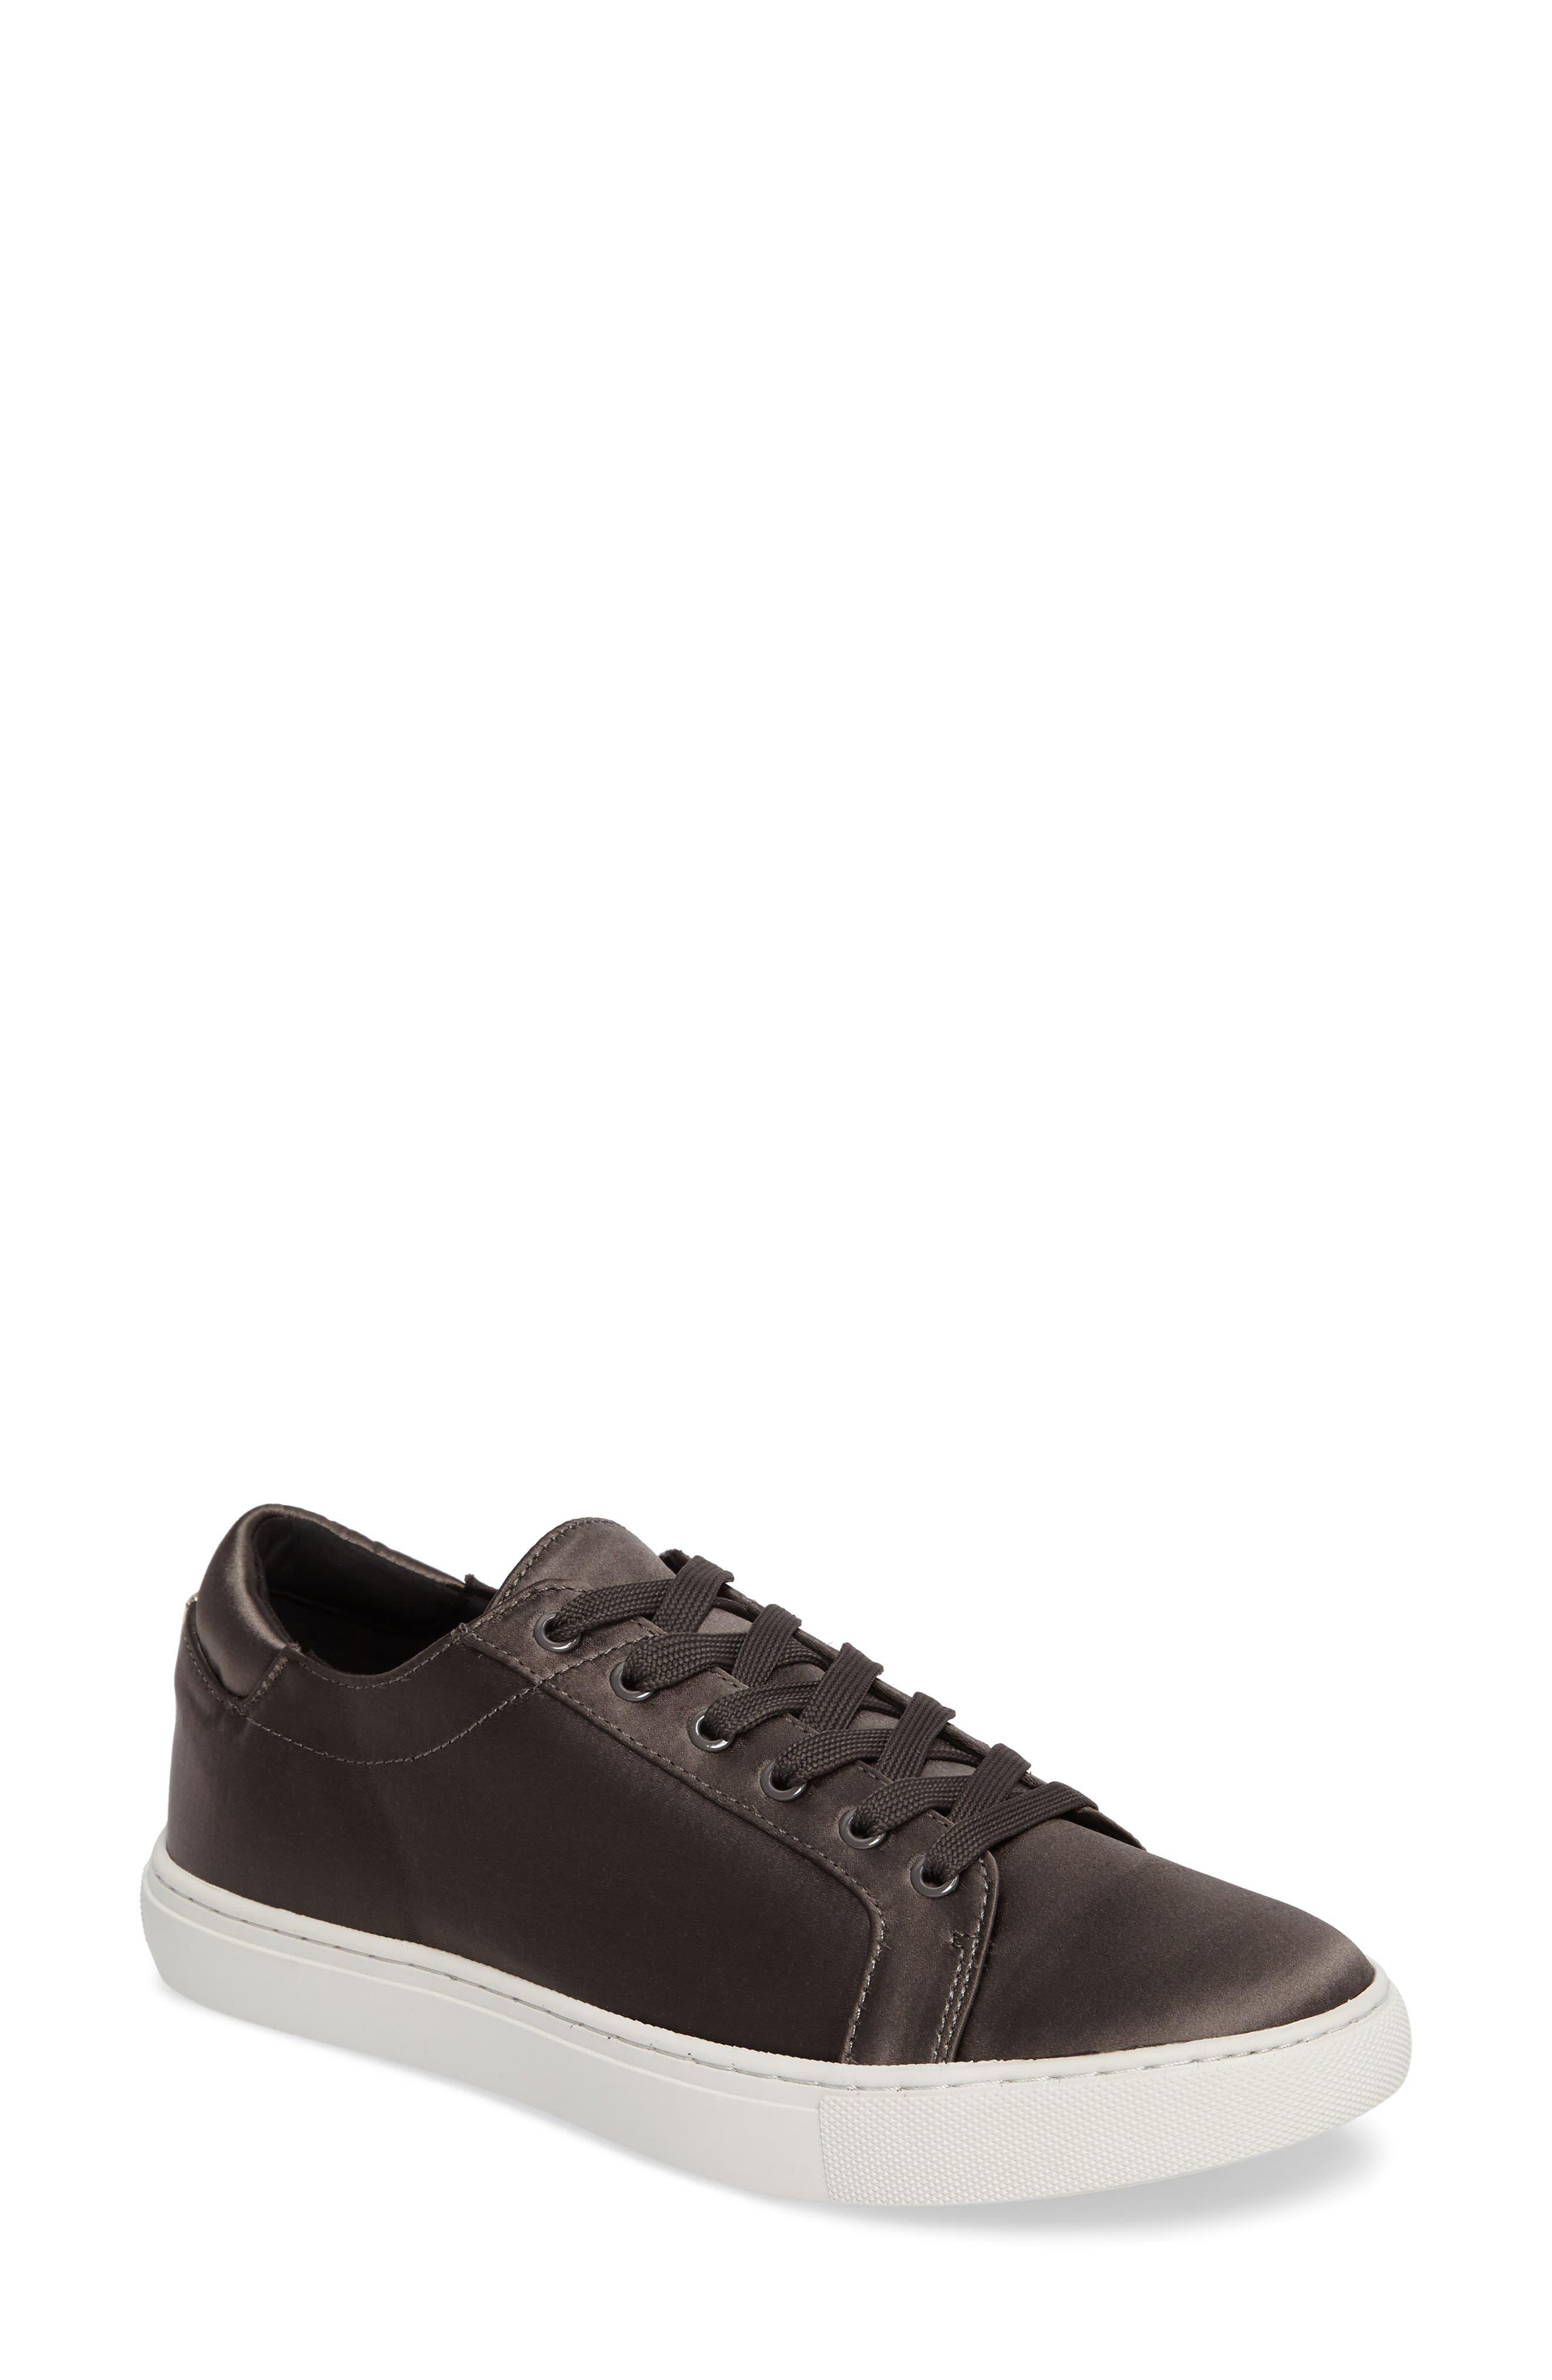 'Kam' Sneaker,                         Main,                         color, Charcoal Satin